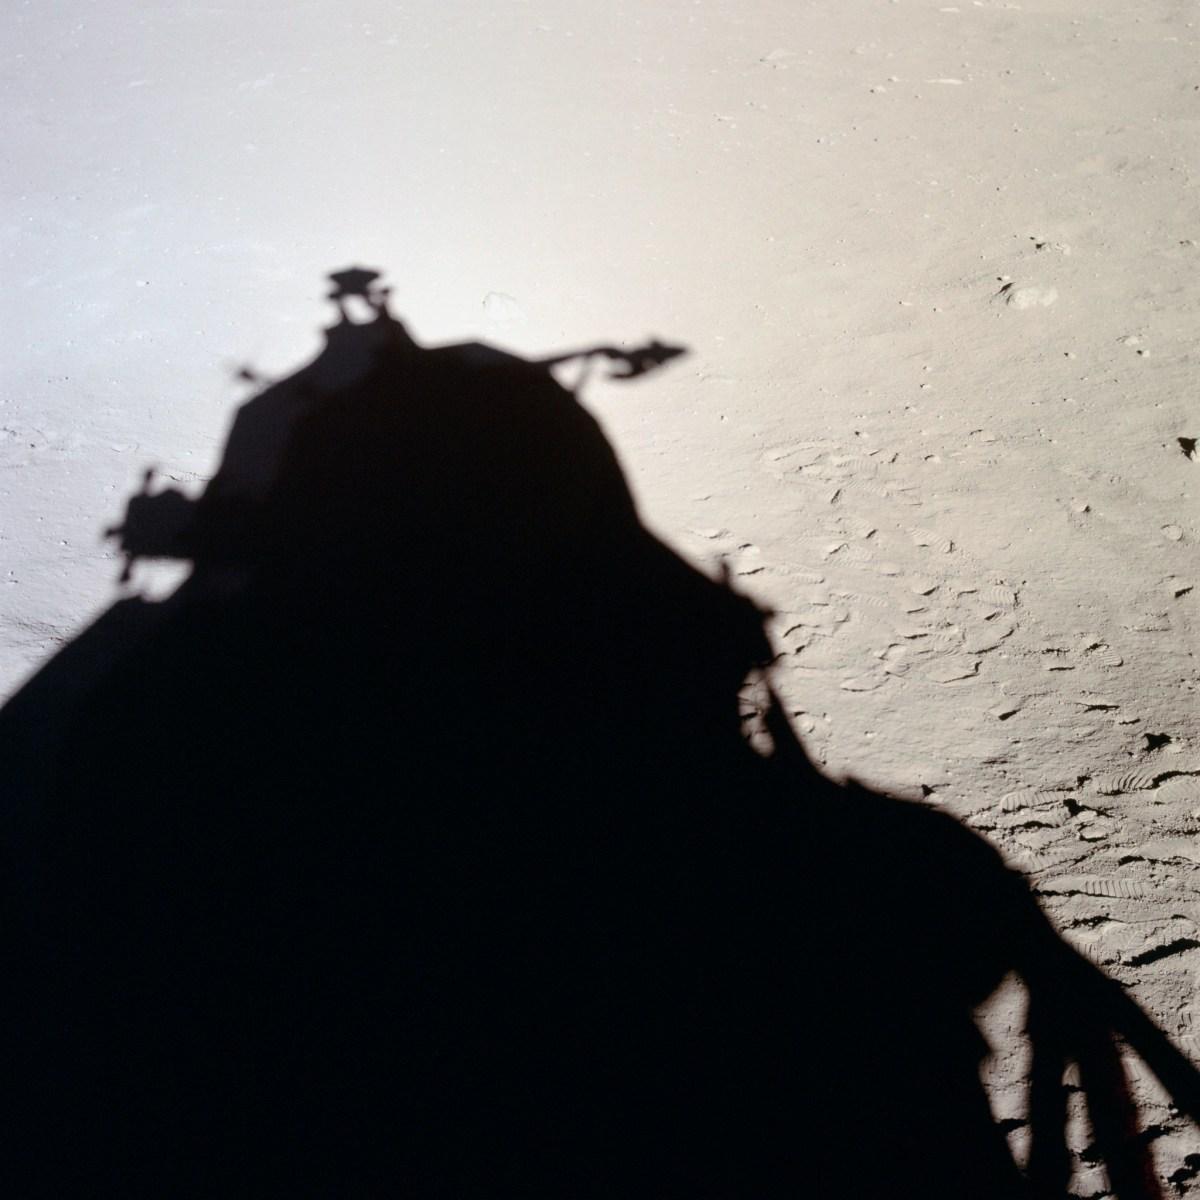 Ombre portée du module lunaire (LM) de Apollo 11 silhouette sur la surface lunaire, prise de vue interieure du LM, lumière solaire © NASA - as11-37-5475 - 20 Juillet 1969